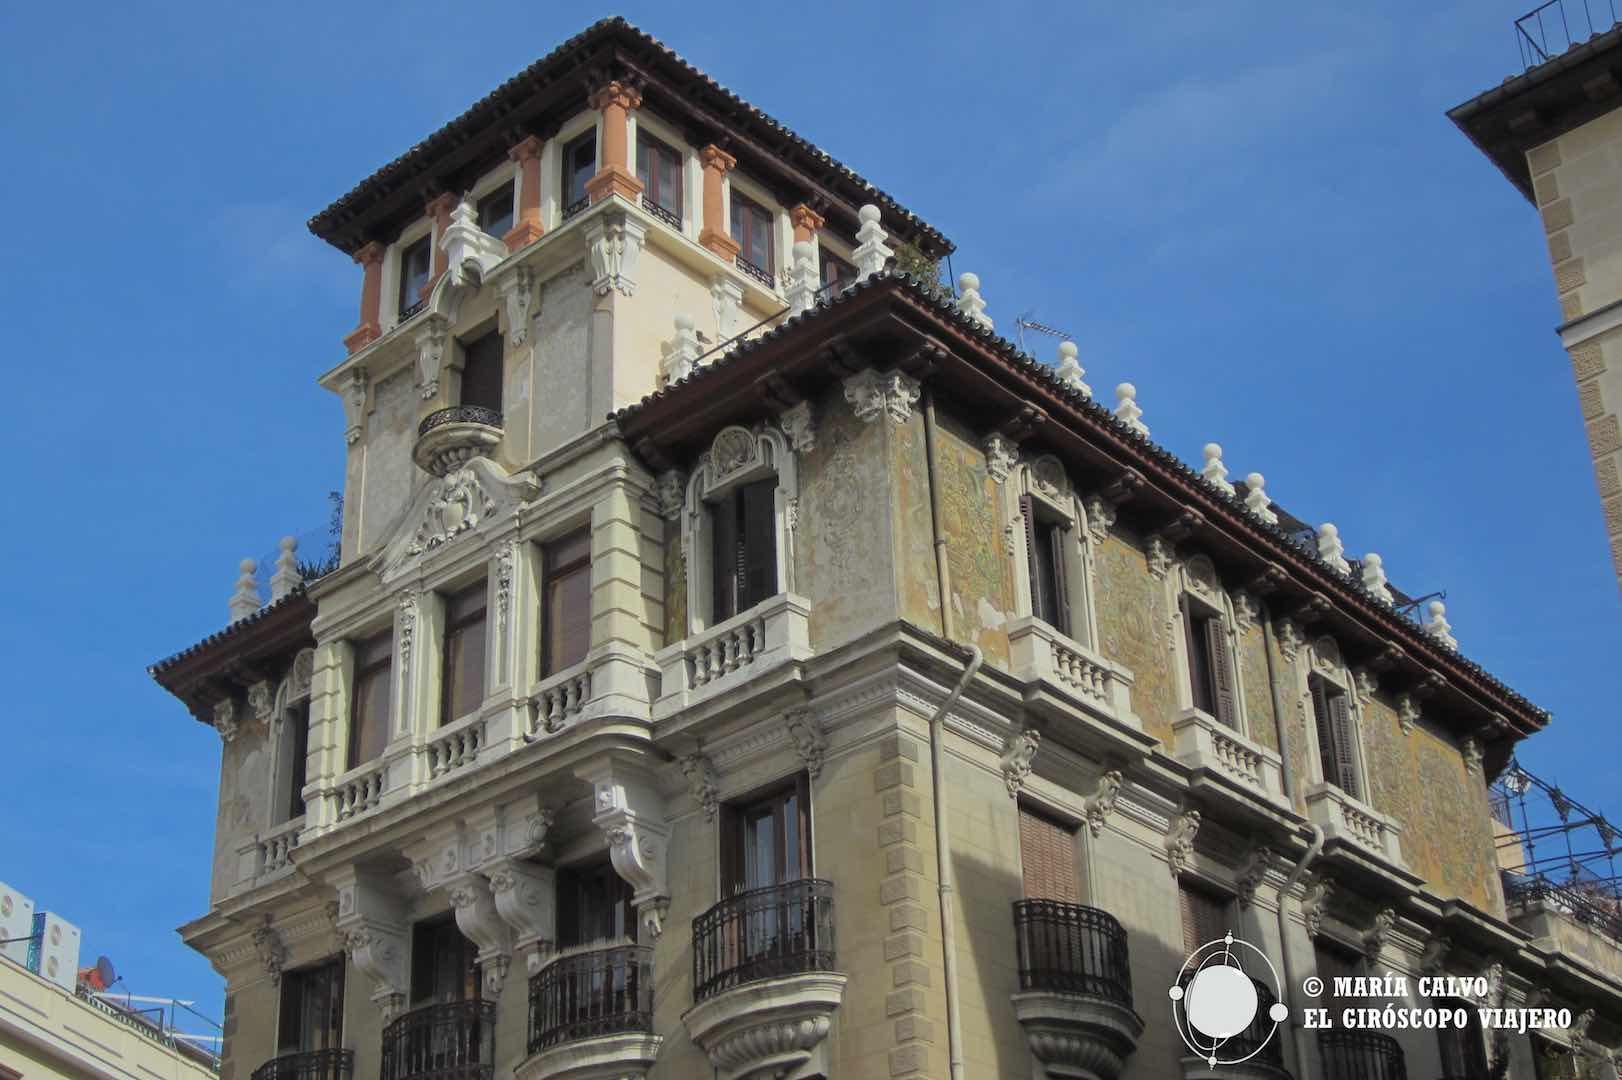 Posándome en el Palacio de la plaza Ramales, en el Madrid de los Austrias